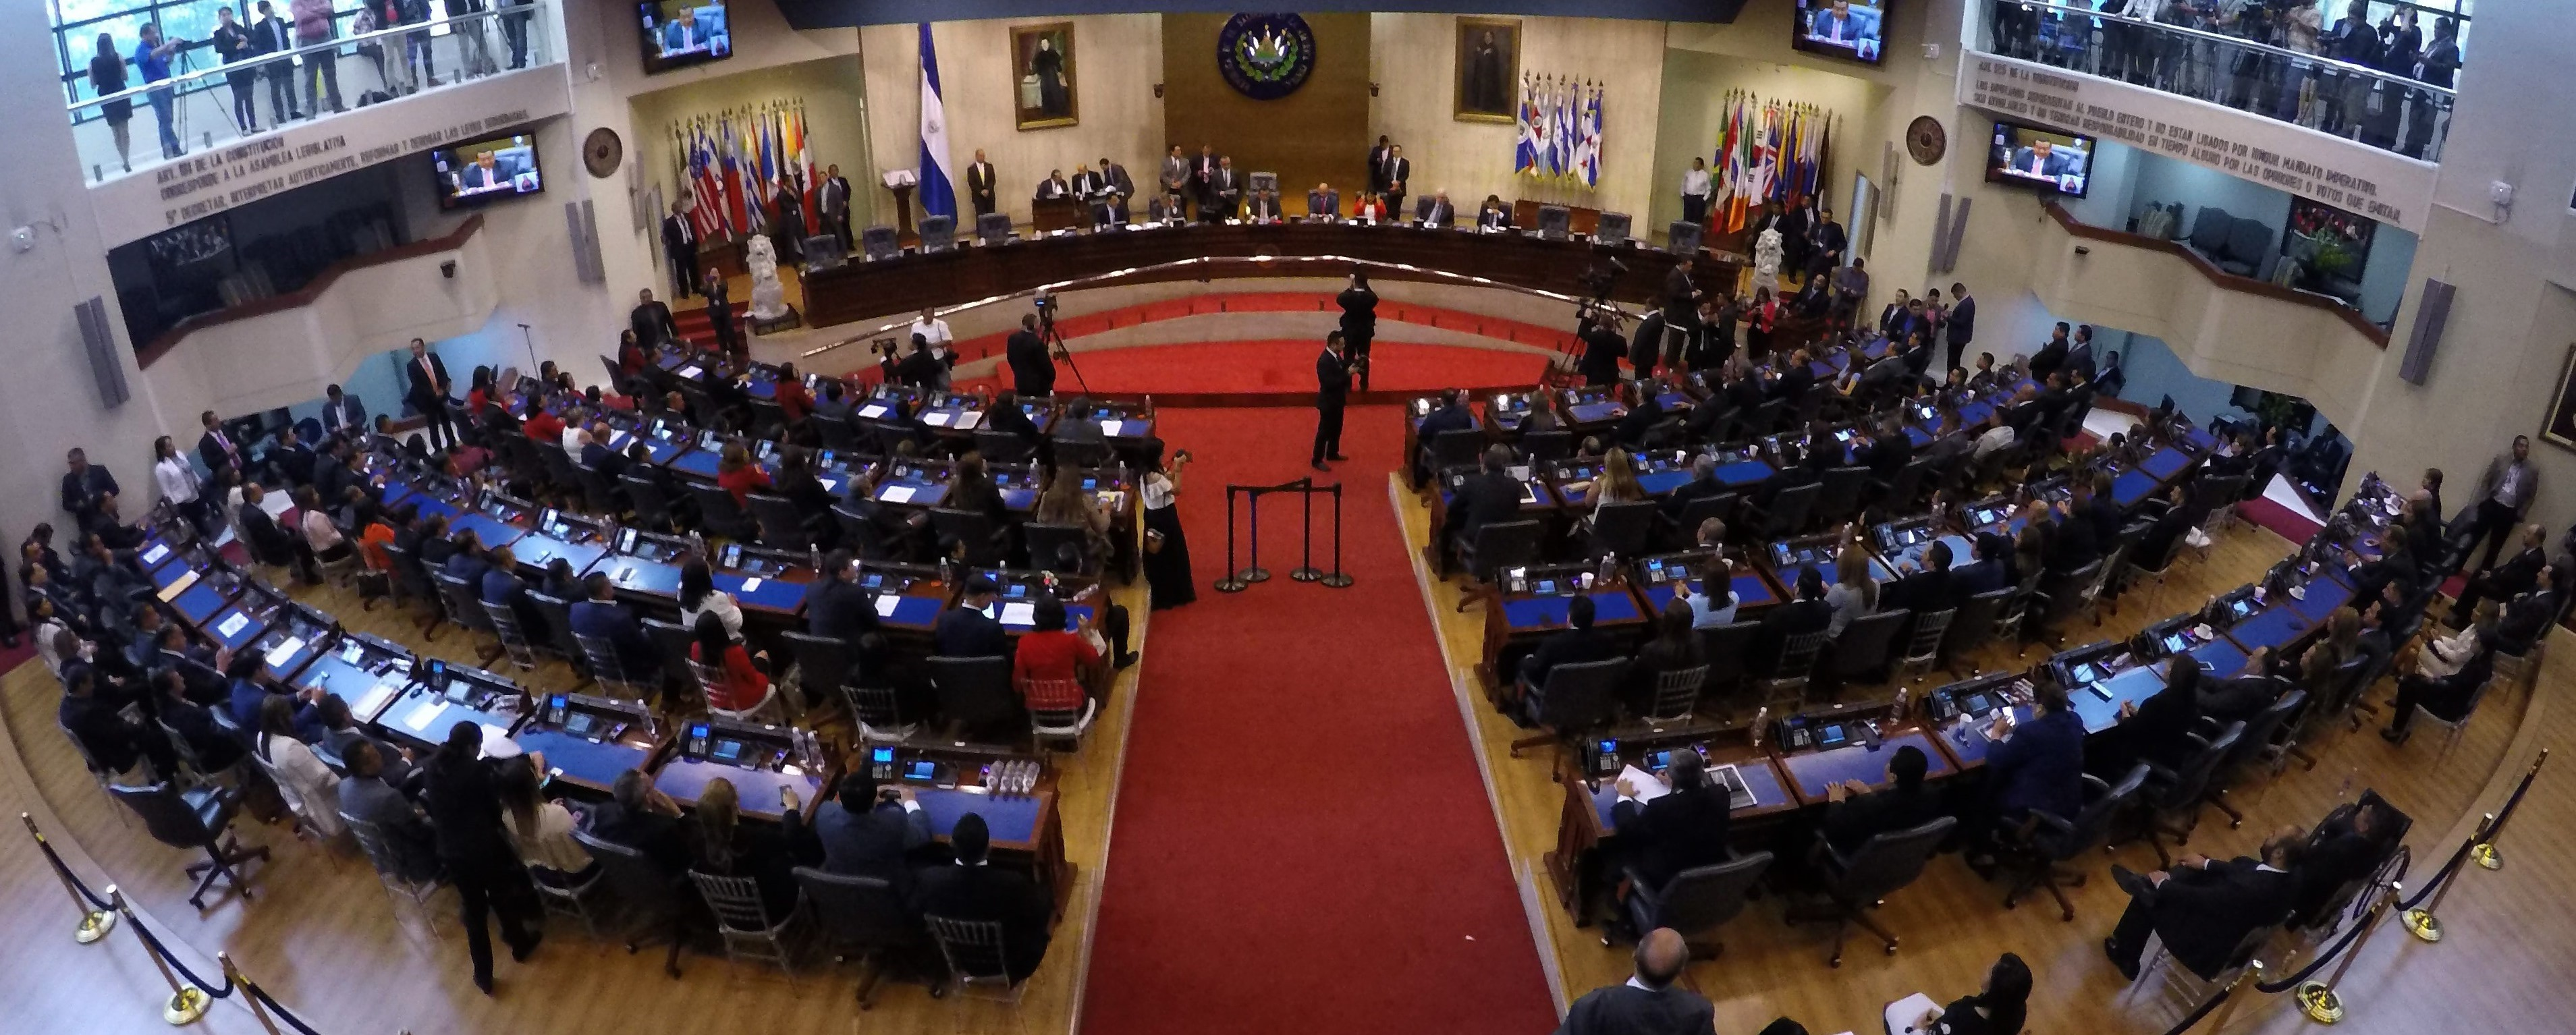 20 comisiones permanentes para trabajo legislativo